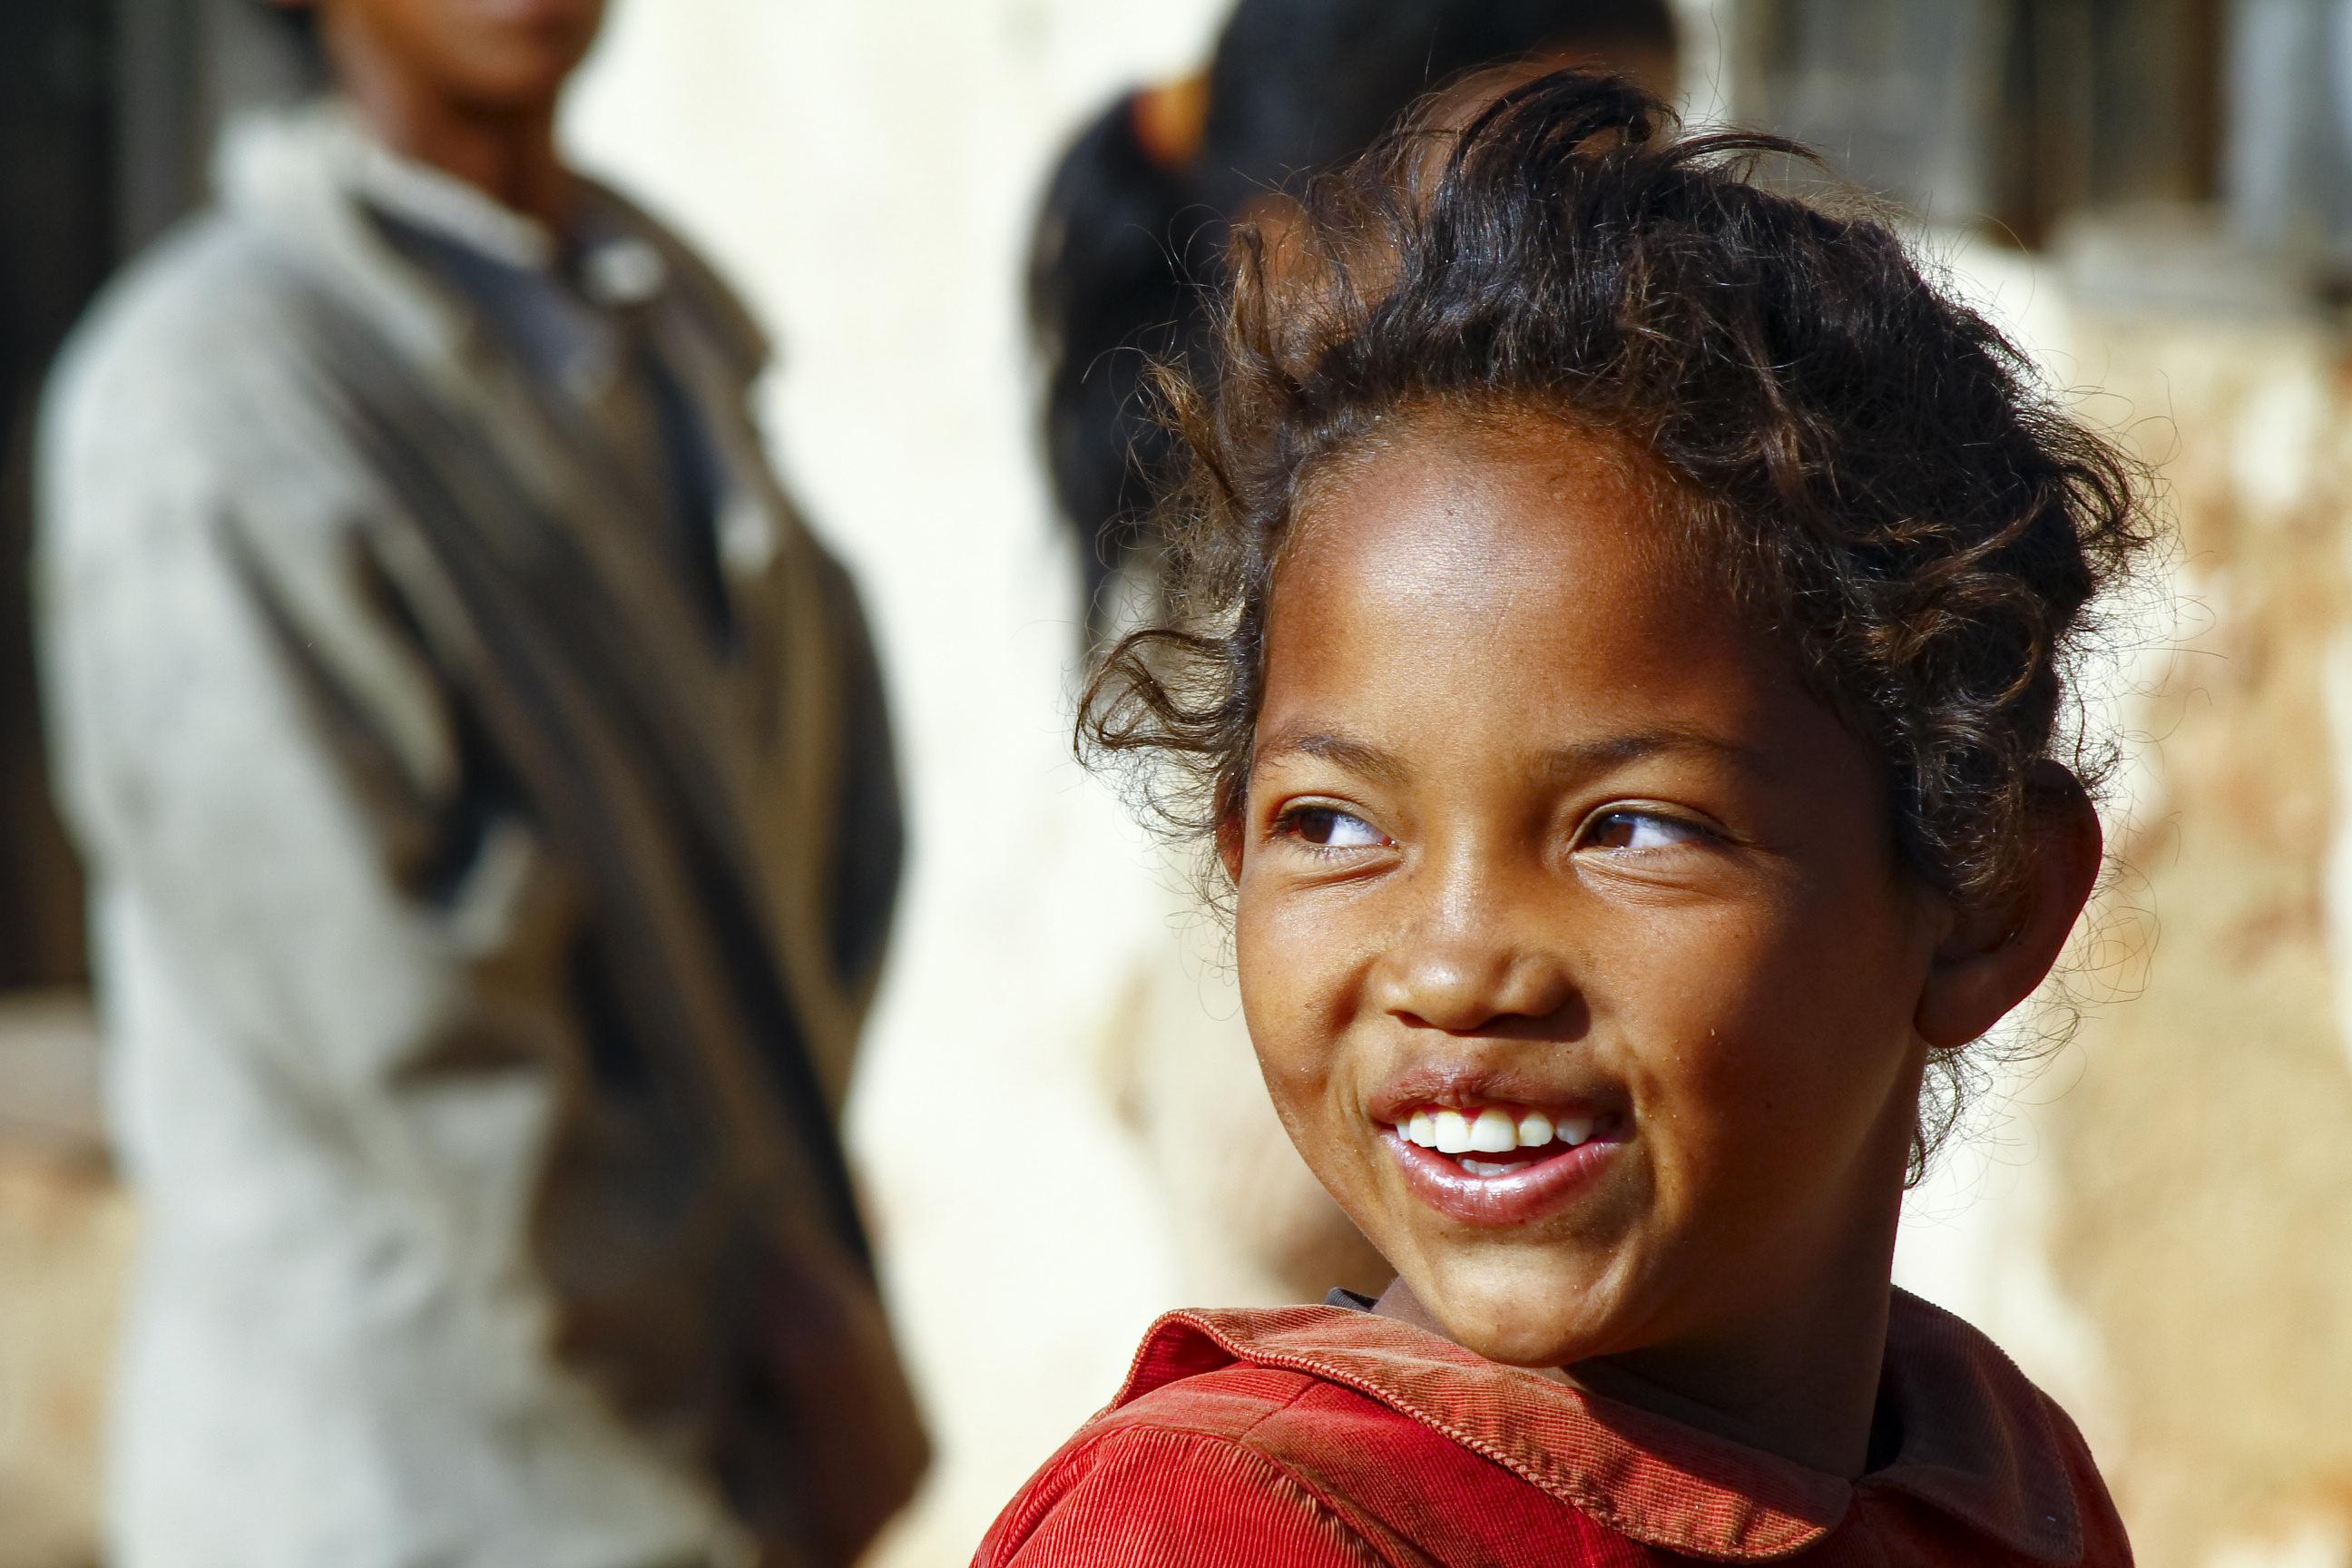 Смотреть бесплатно африканские девушки 11 фотография